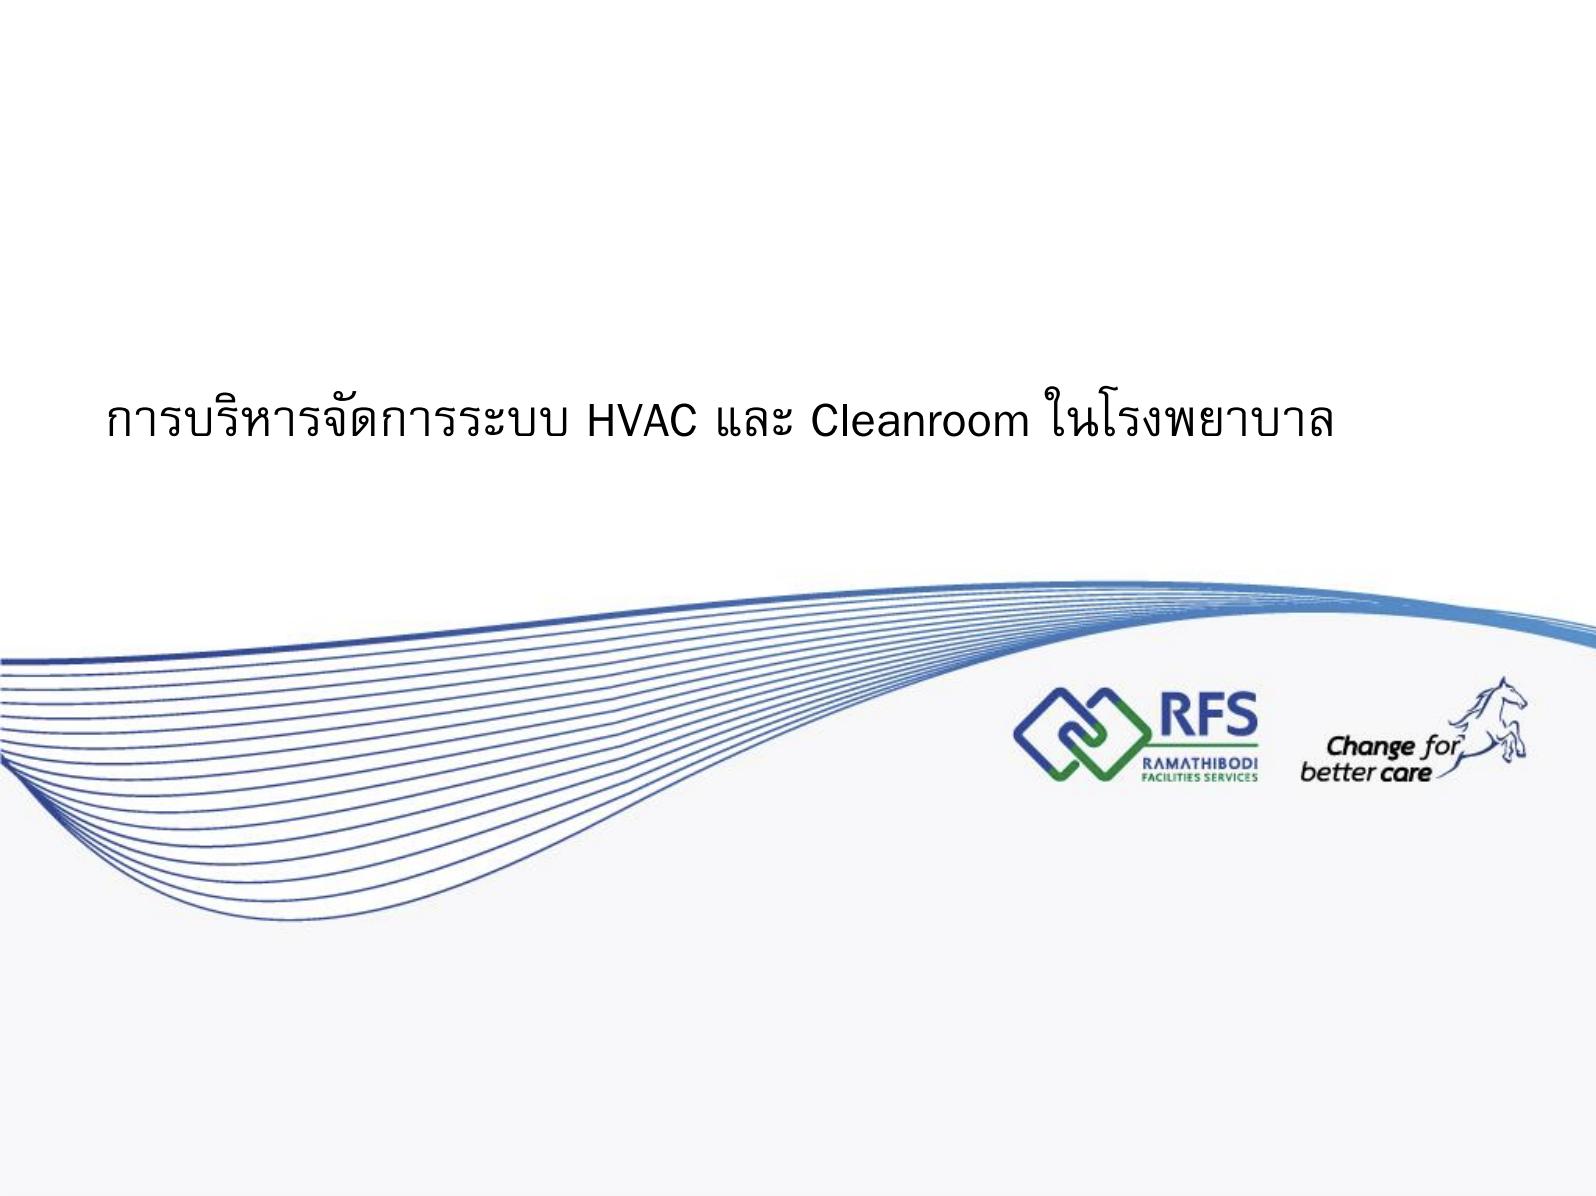 การบริหารจัดการระบบ HVAC และ cleanroom ในโรงพยาบาล